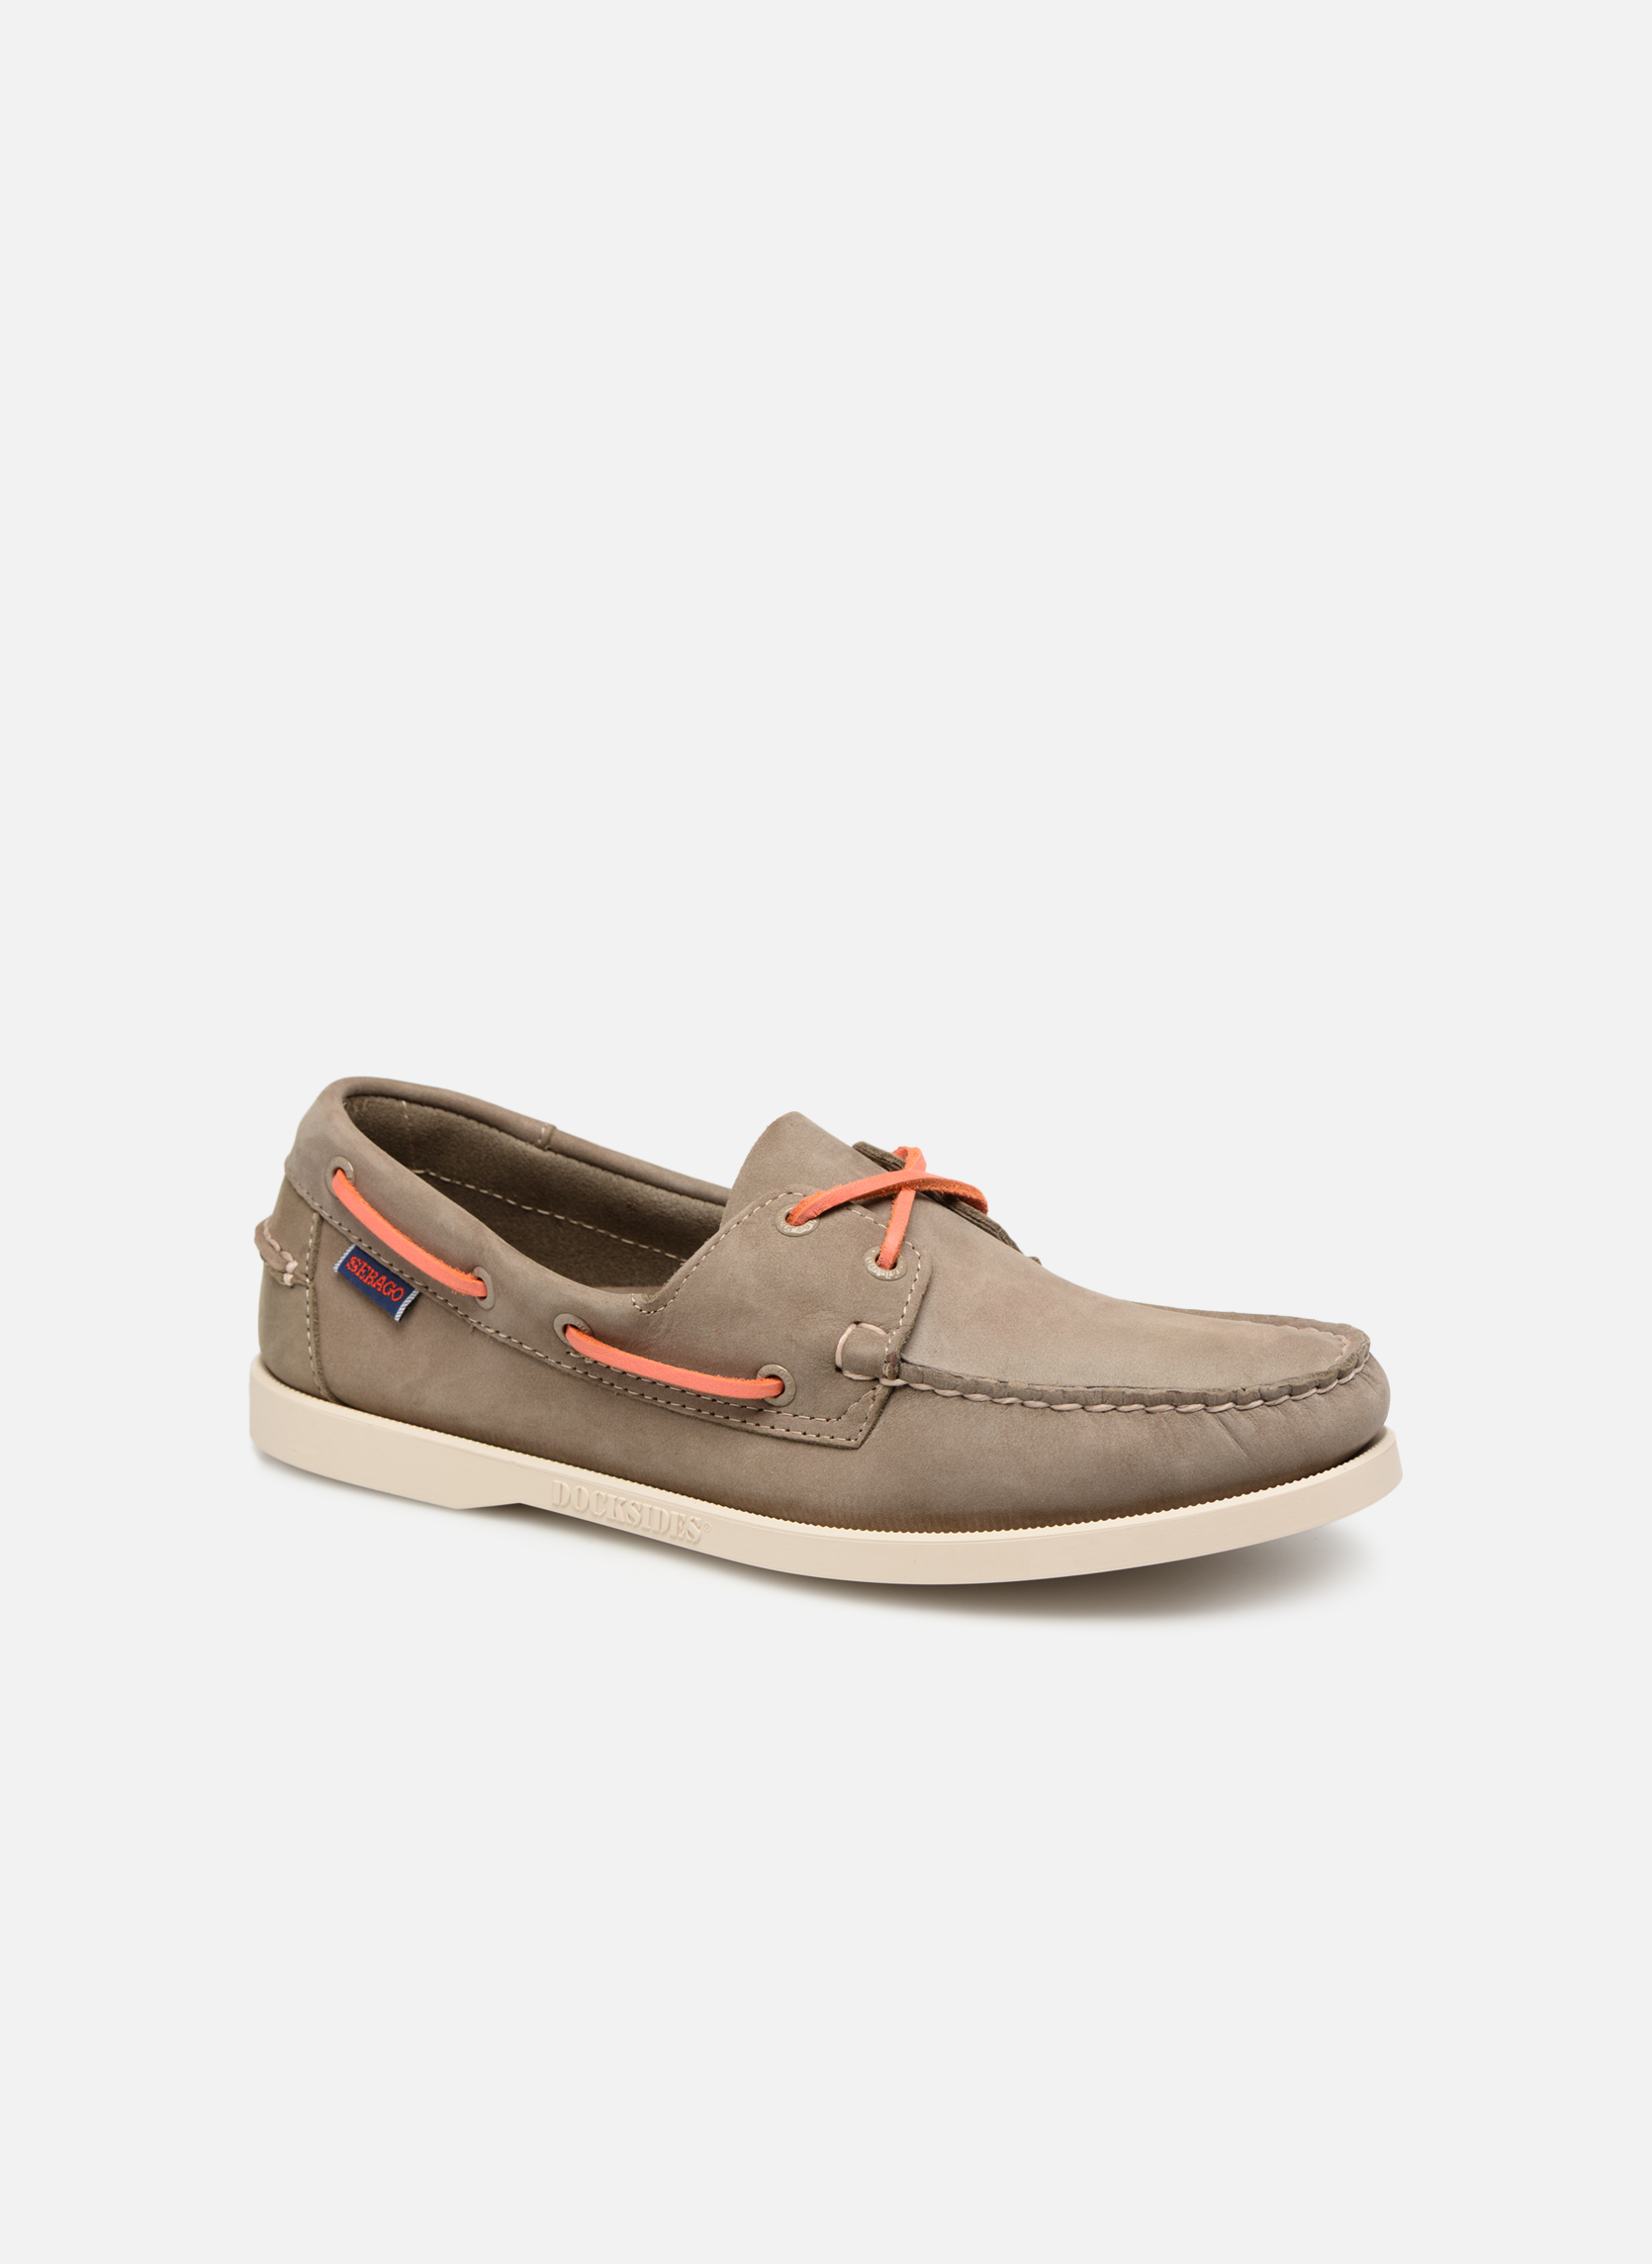 Chaussures à lacets Homme Docksides M